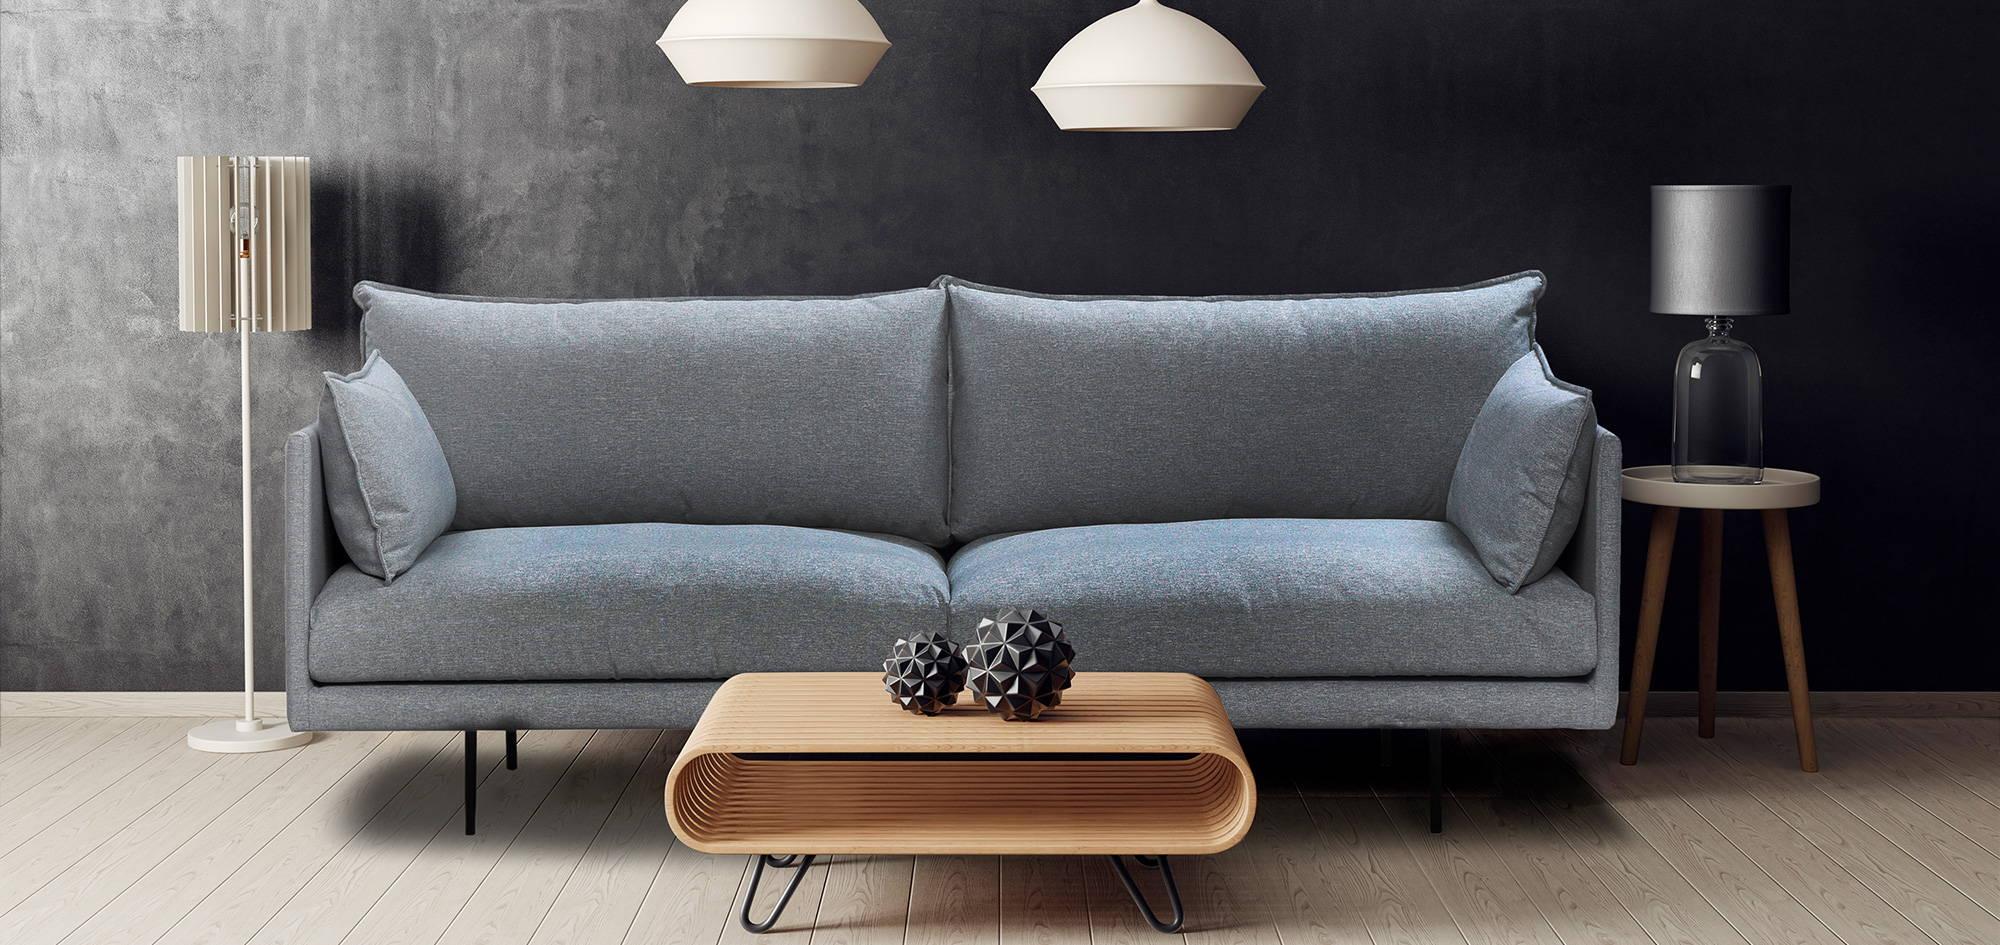 Päällisten hoito- ja irroitusohjeet, Air-sohva. HT Collection